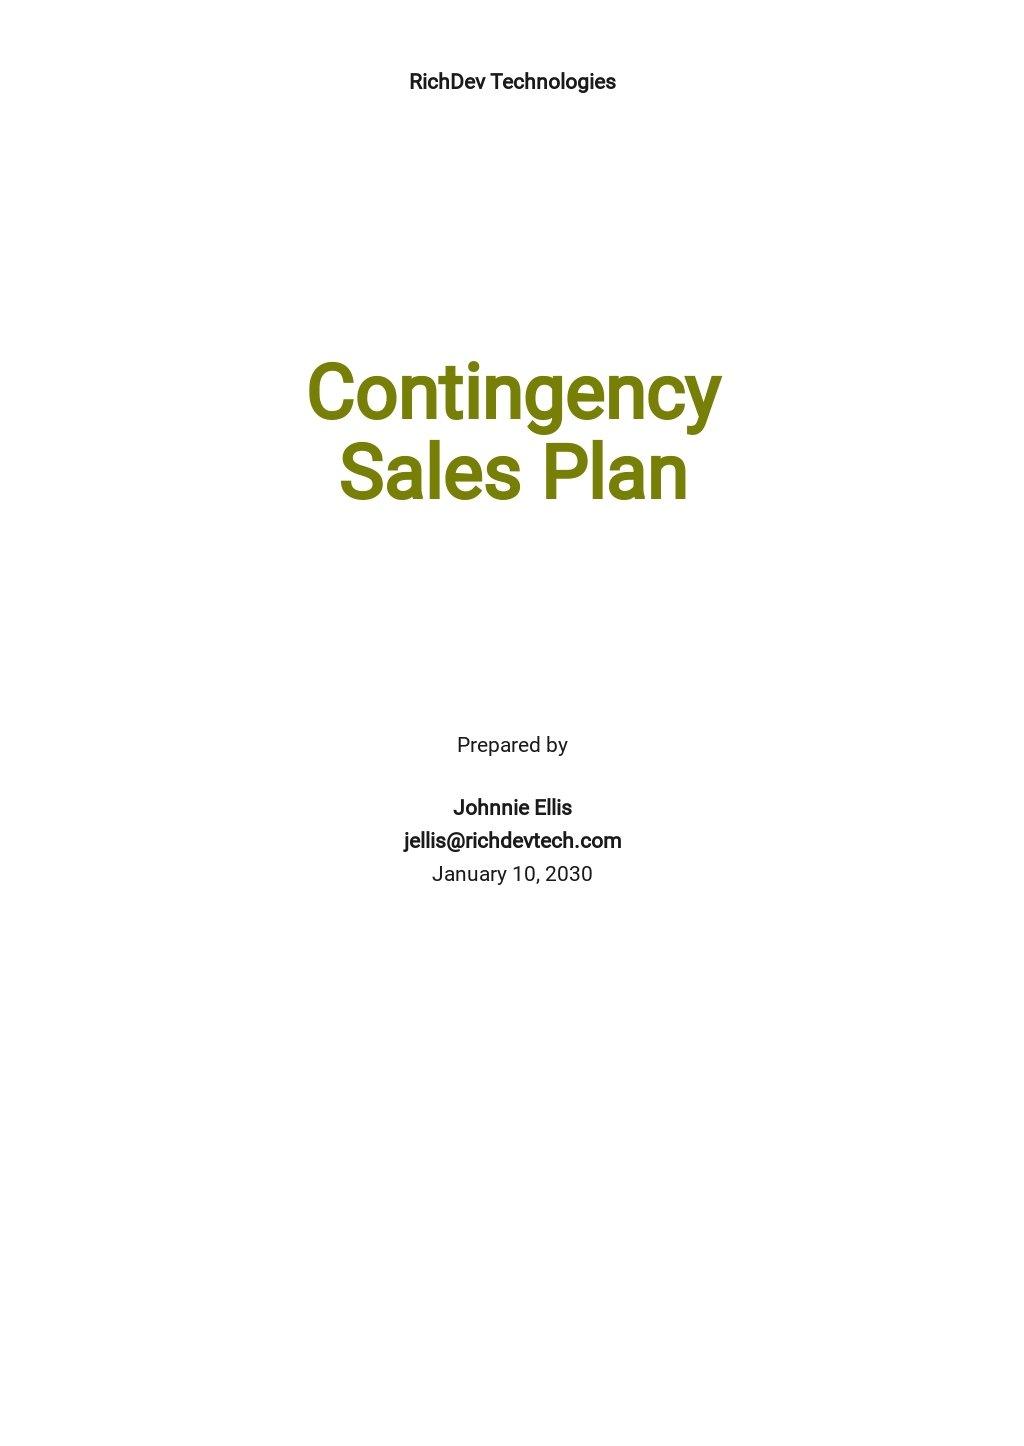 Contingency Sales Plan Template.jpe